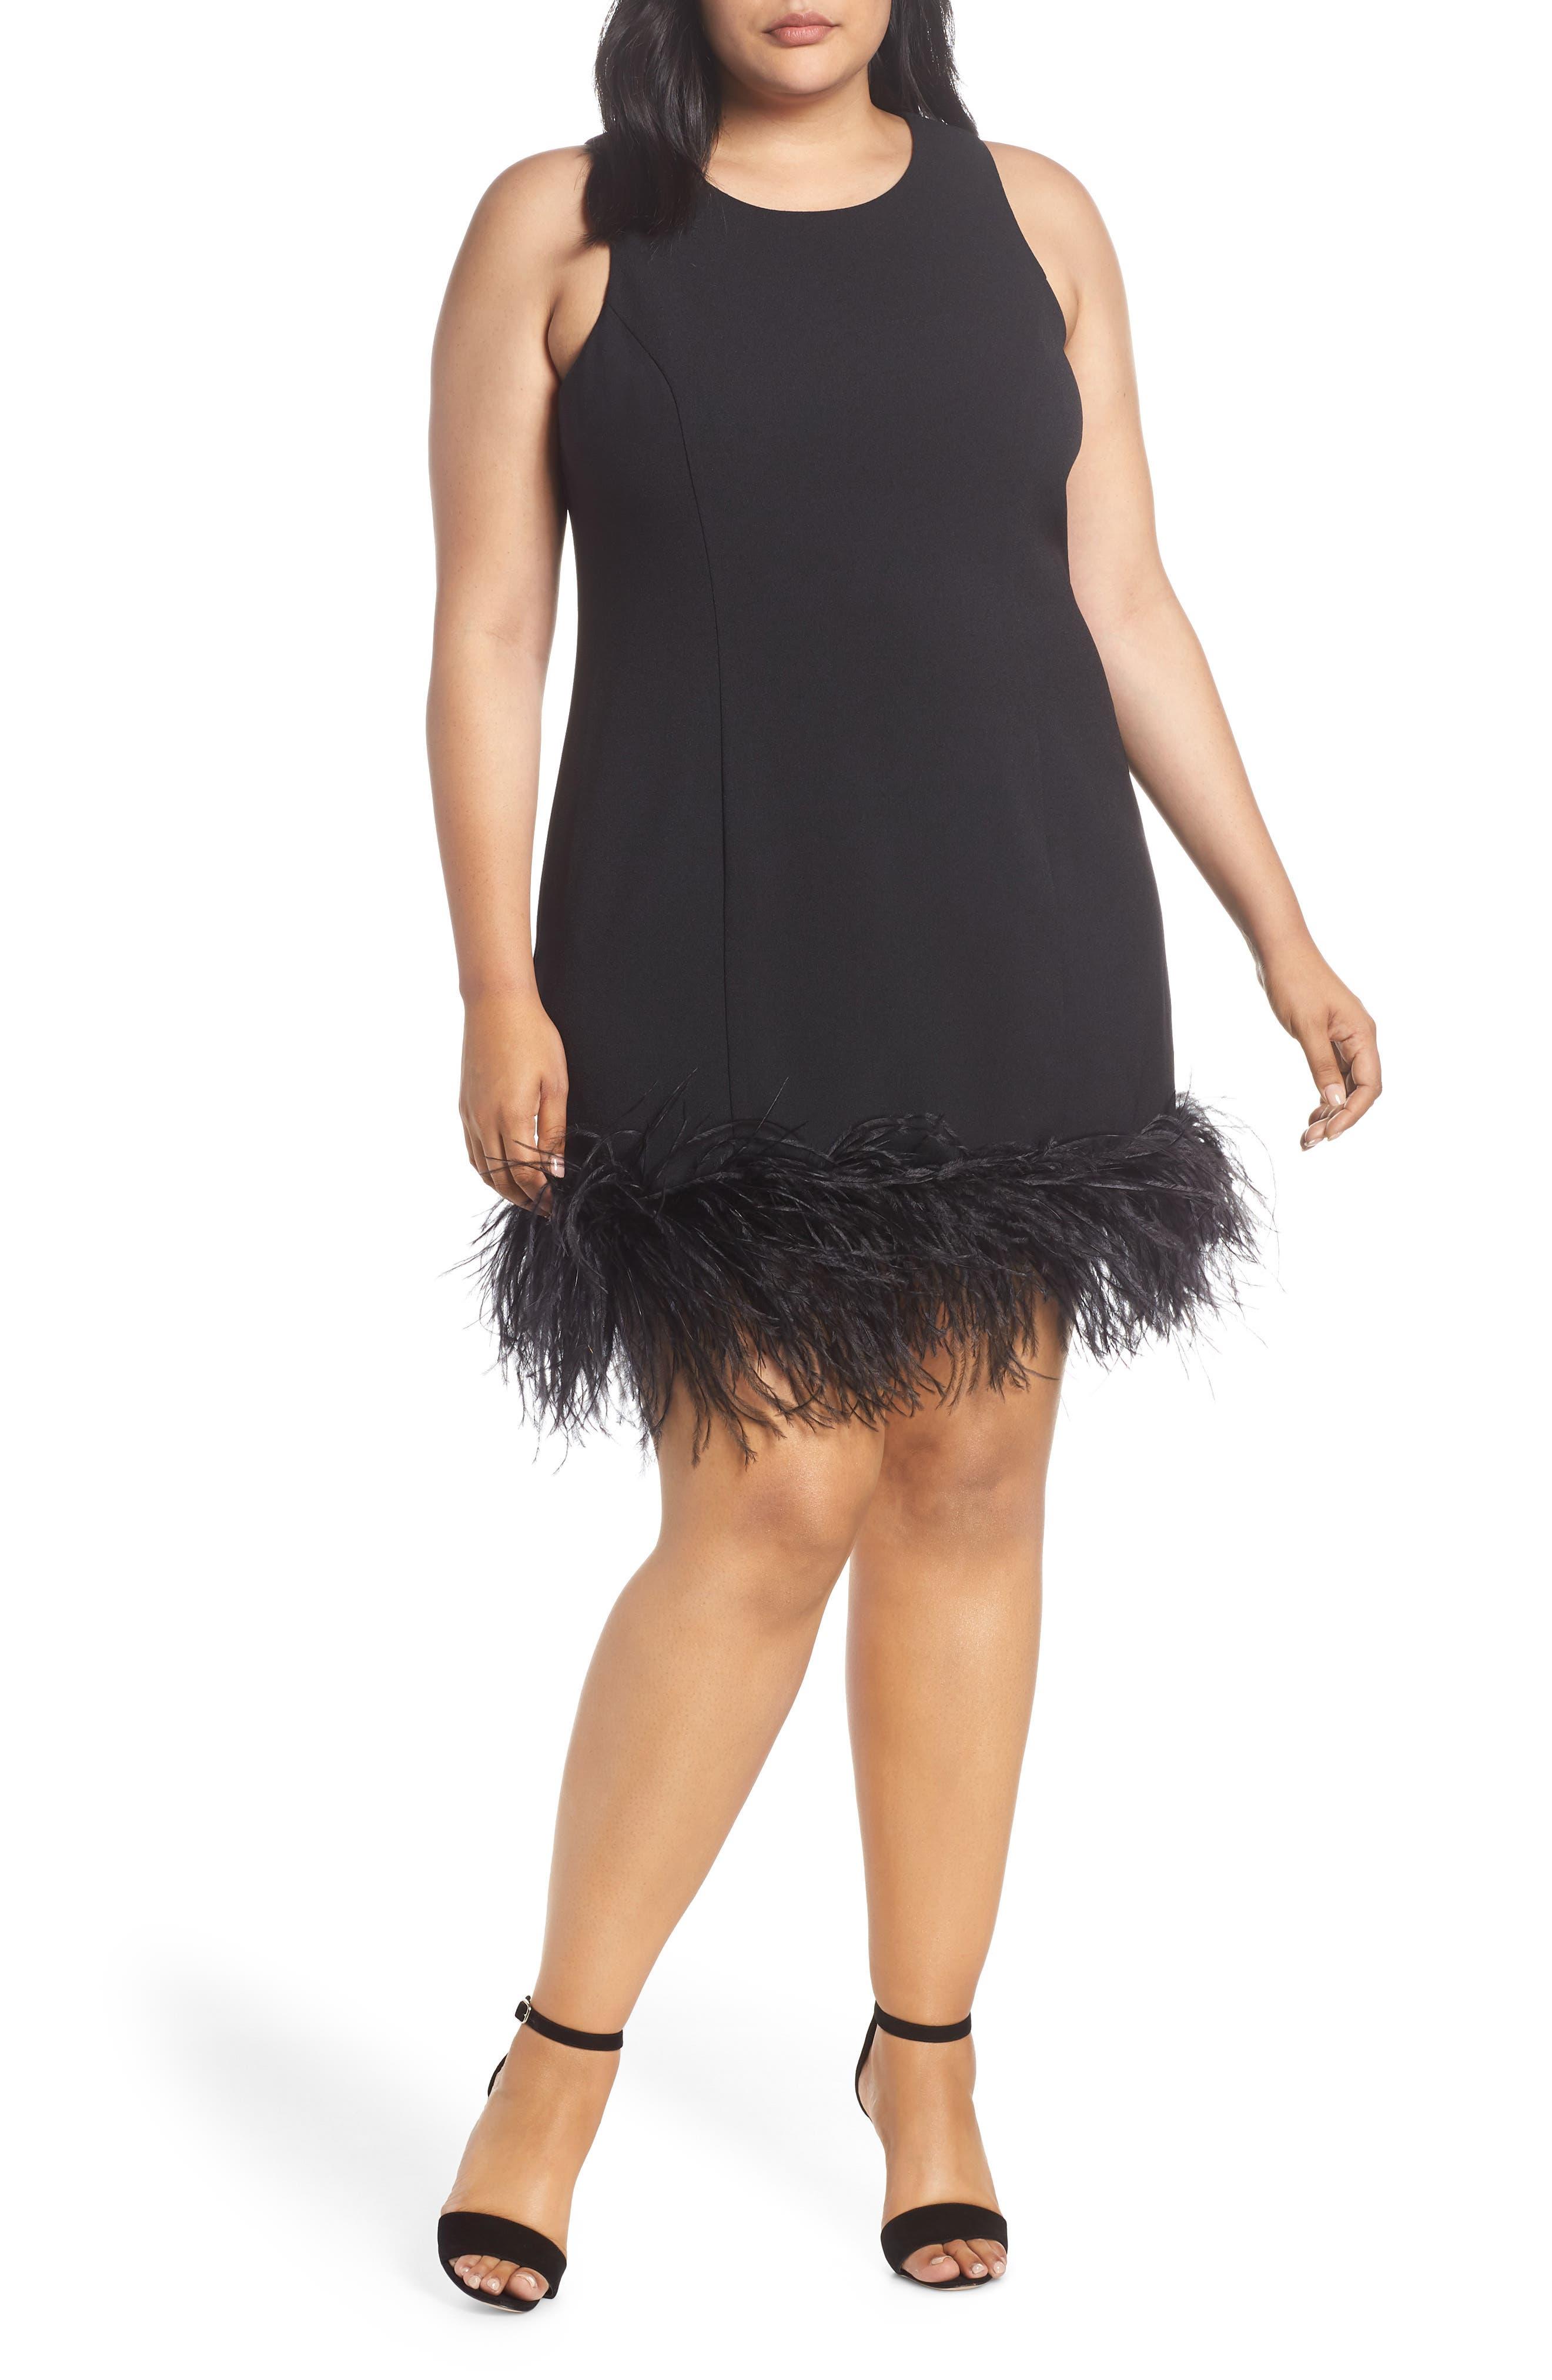 1920s Plus Size Flapper Dresses, Gatsby Dresses, Flapper Costumes Plus Size Womens Chelsea28 Feather Hem Sheath Dress $159.00 AT vintagedancer.com